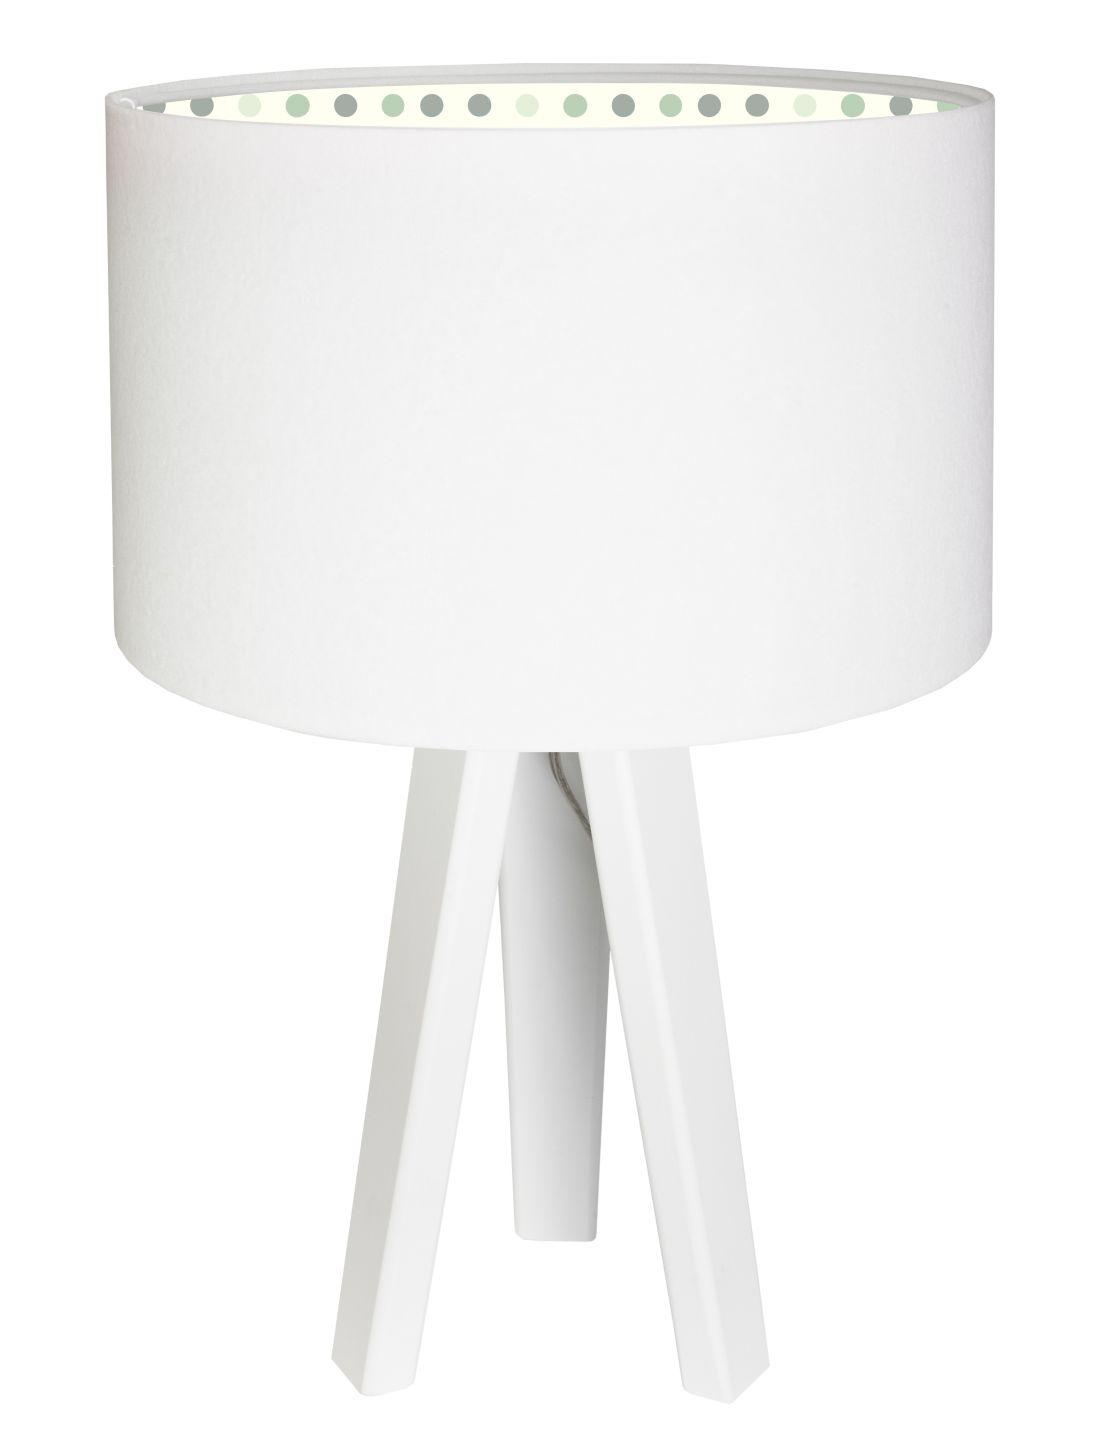 Tischleuchte Dreibein Weiß Grün Holz 46cm Kinder Lampe